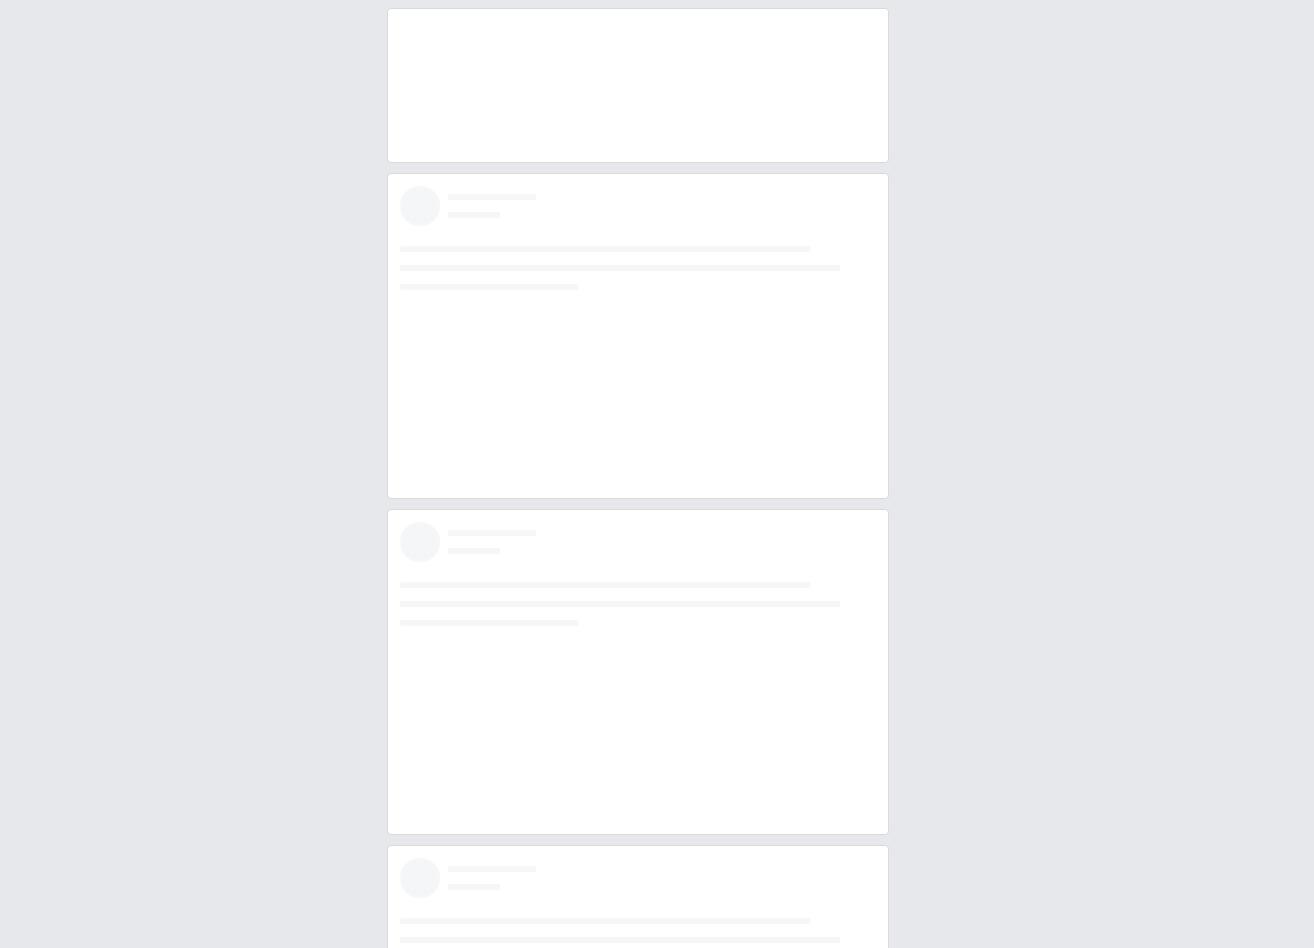 Se cayó Facebook: Miles de usuarios reportaron fallas a nivel mundial